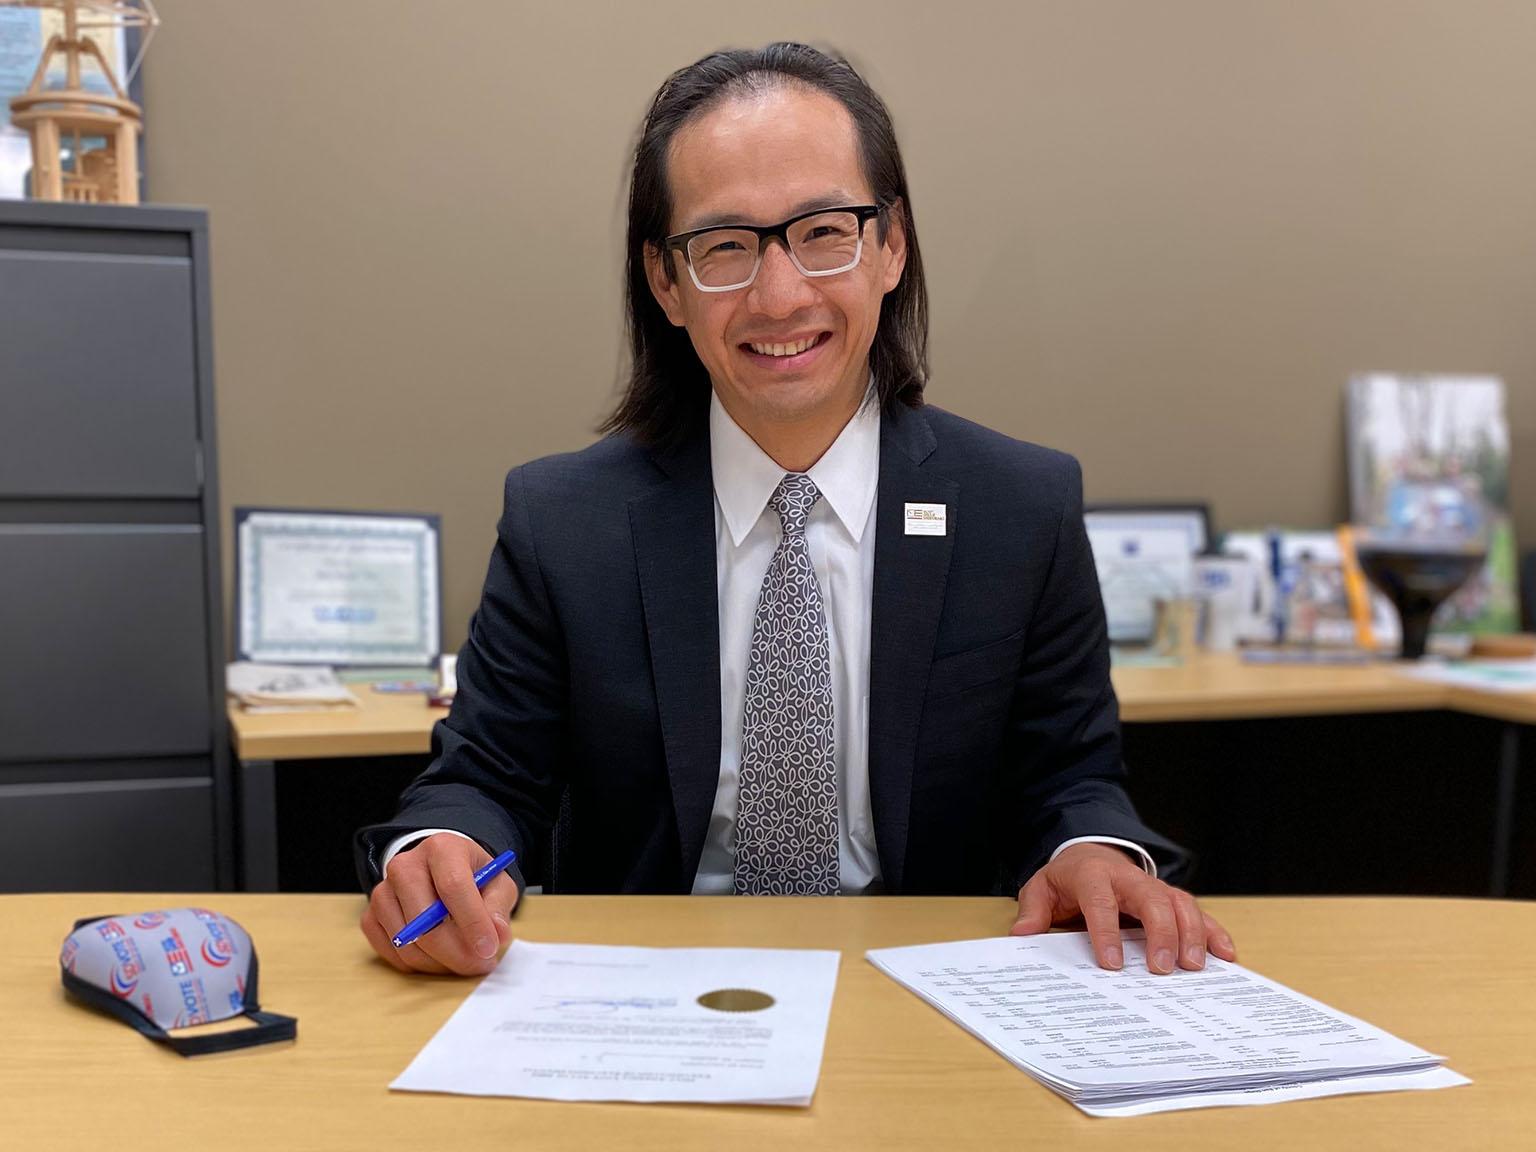 Michael Vu sitting at desk